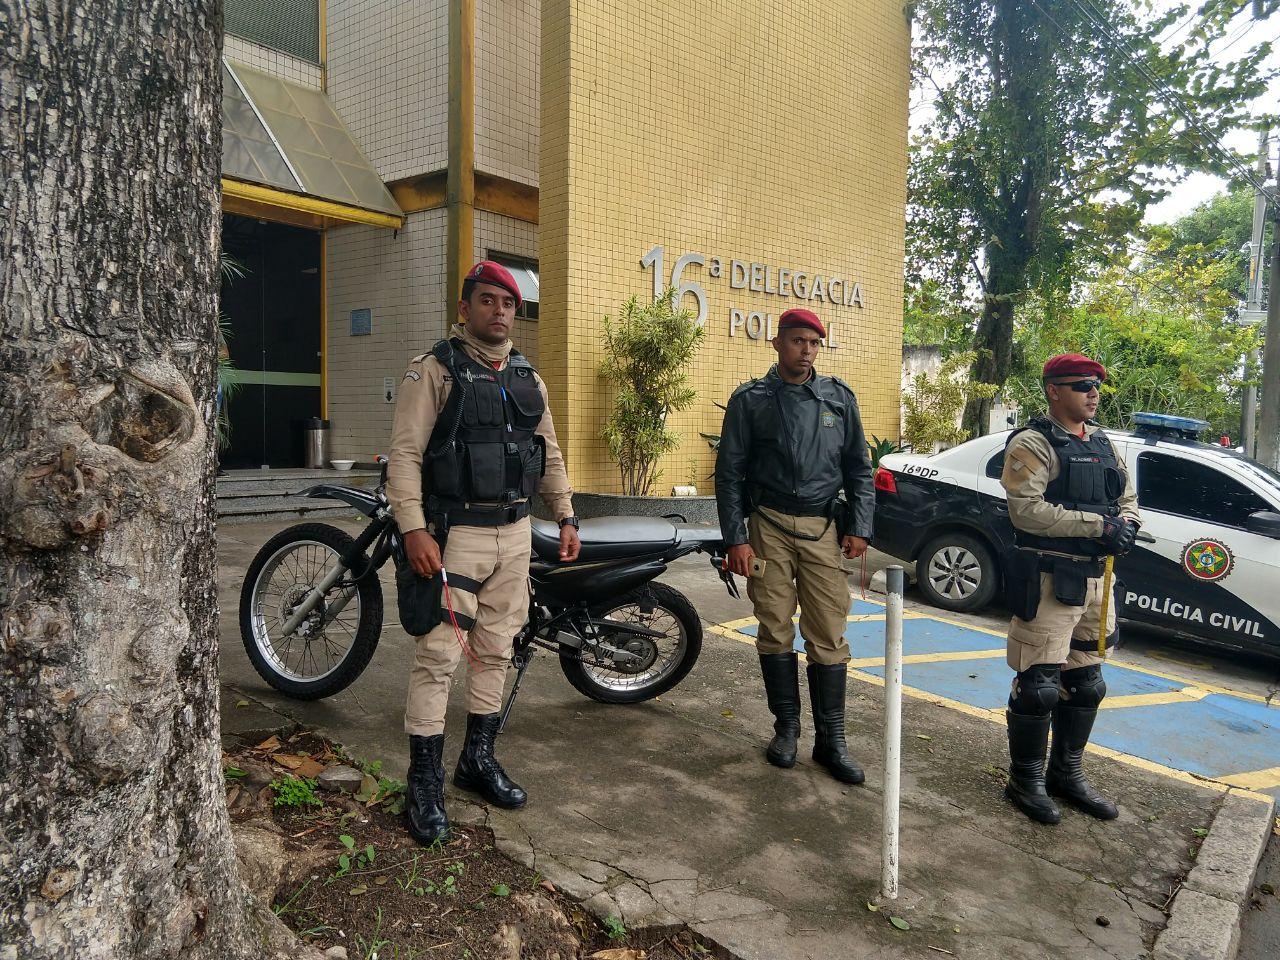 Guardas municipais identificam e recuperam moto roubada na Barra da Tijuca